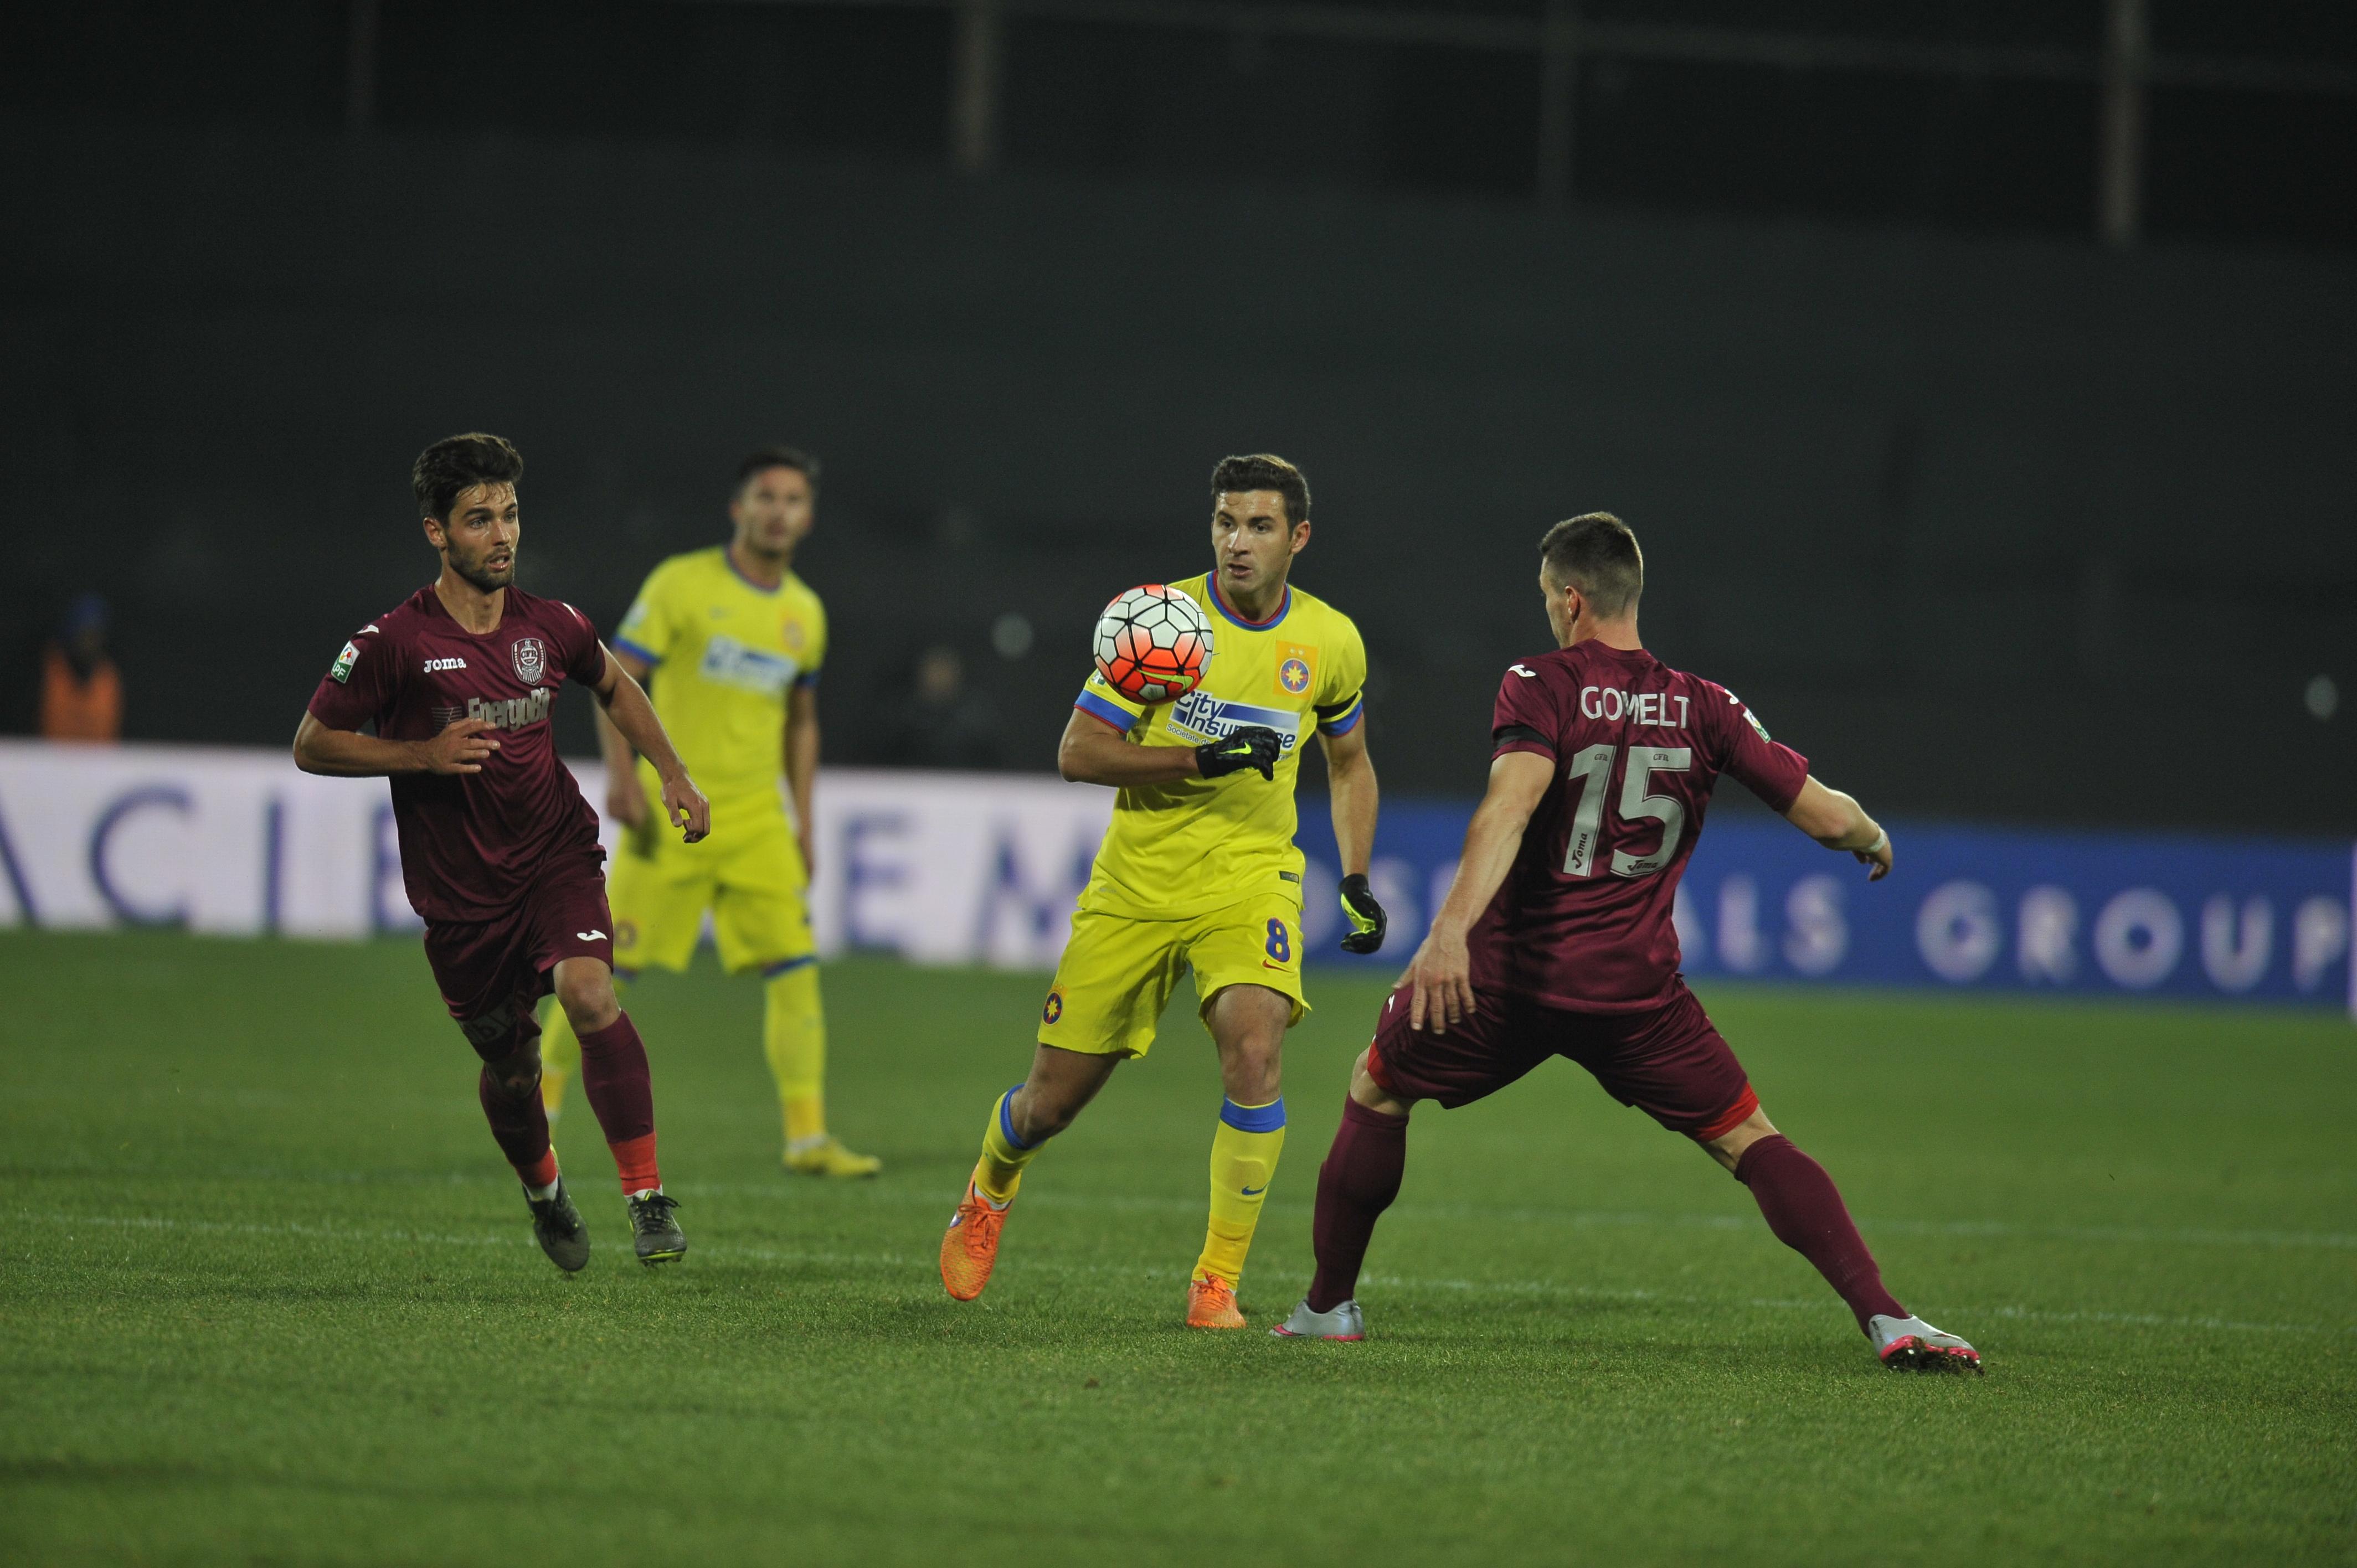 CFR Cluj și Steaua se vor lupta pentru un loc în finala Cupei României ediția 2015/2016 / Foto: Dan Bodea